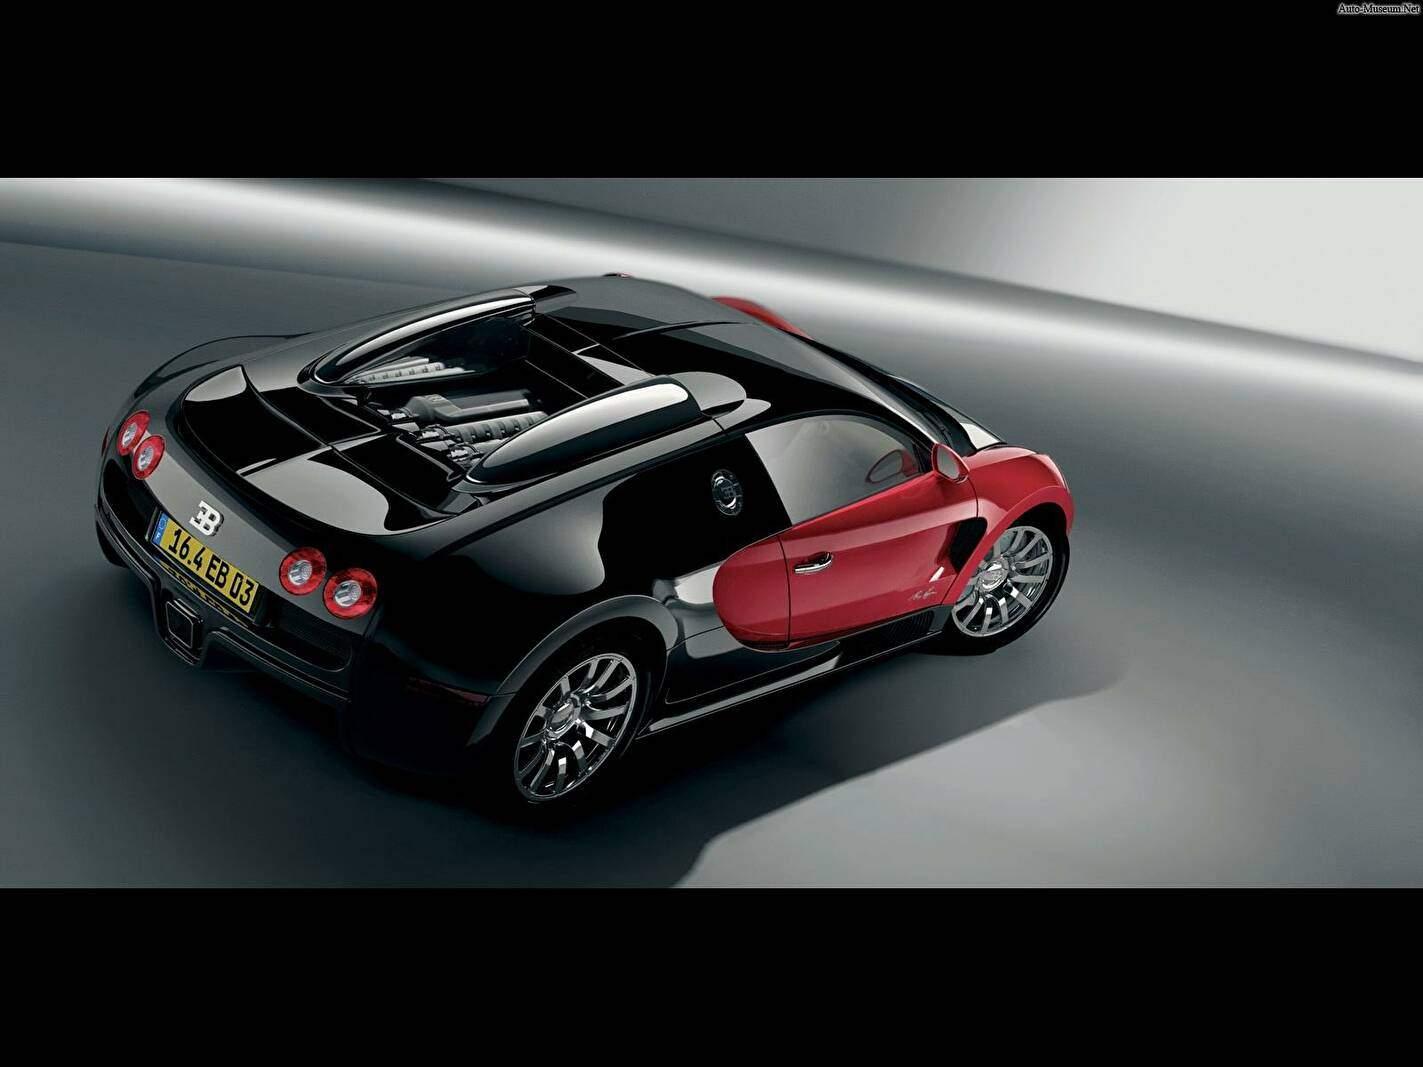 Bugatti EB 16.4 Veyron (2005-2011),  ajouté par Raptor